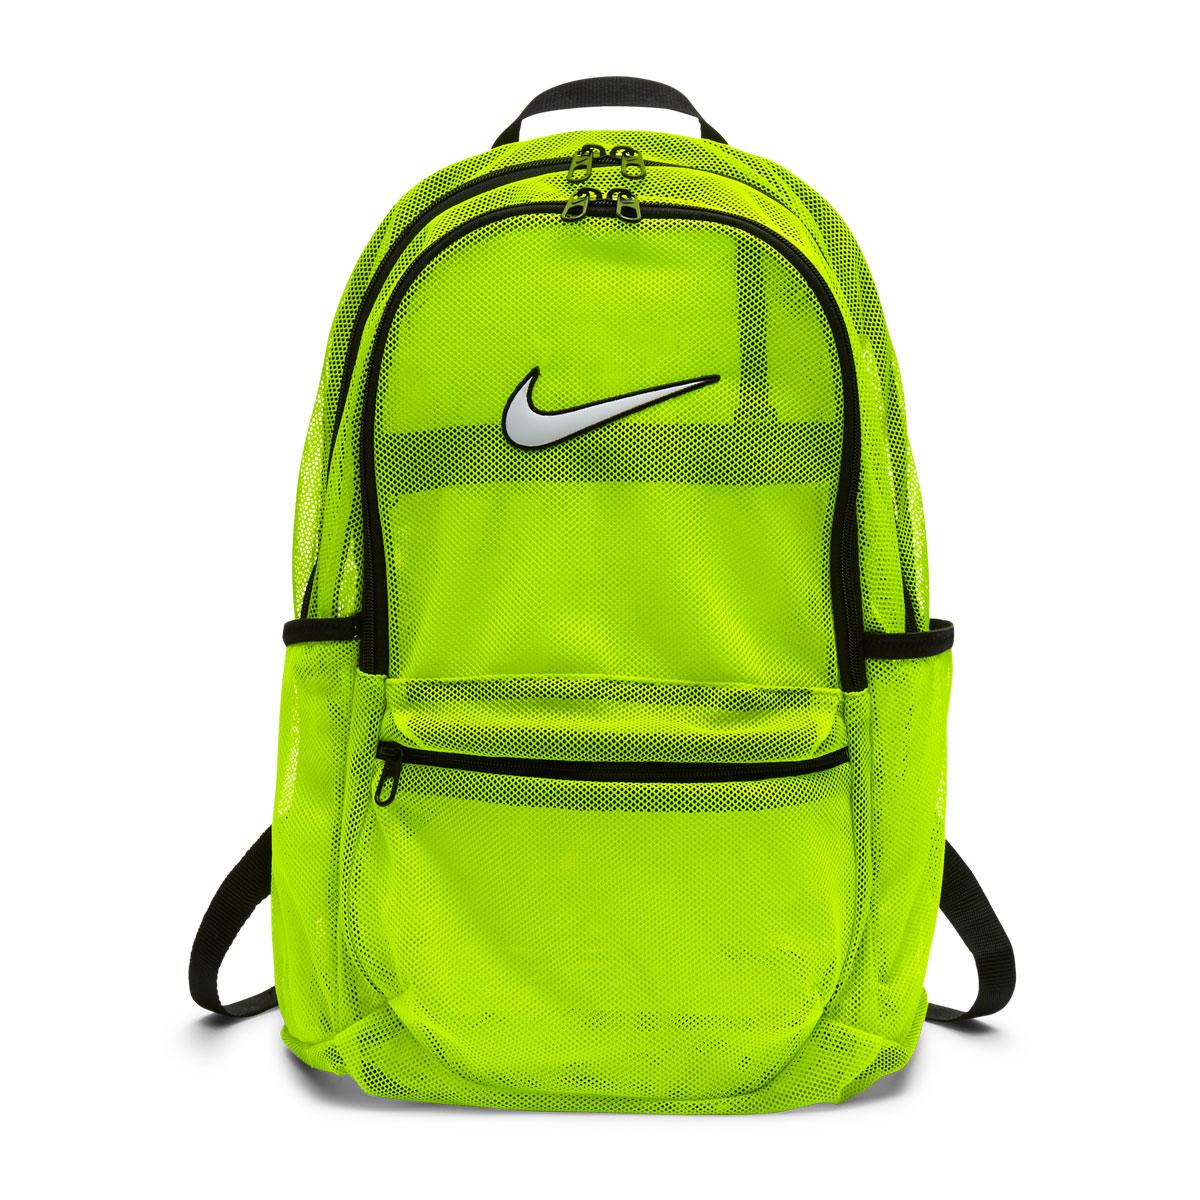 4b48d9d523 NIKE NK BRSLA MESH BKPK (Nike Brasilia mesh backpack) VOLT BLACK WHITE  18FA-I